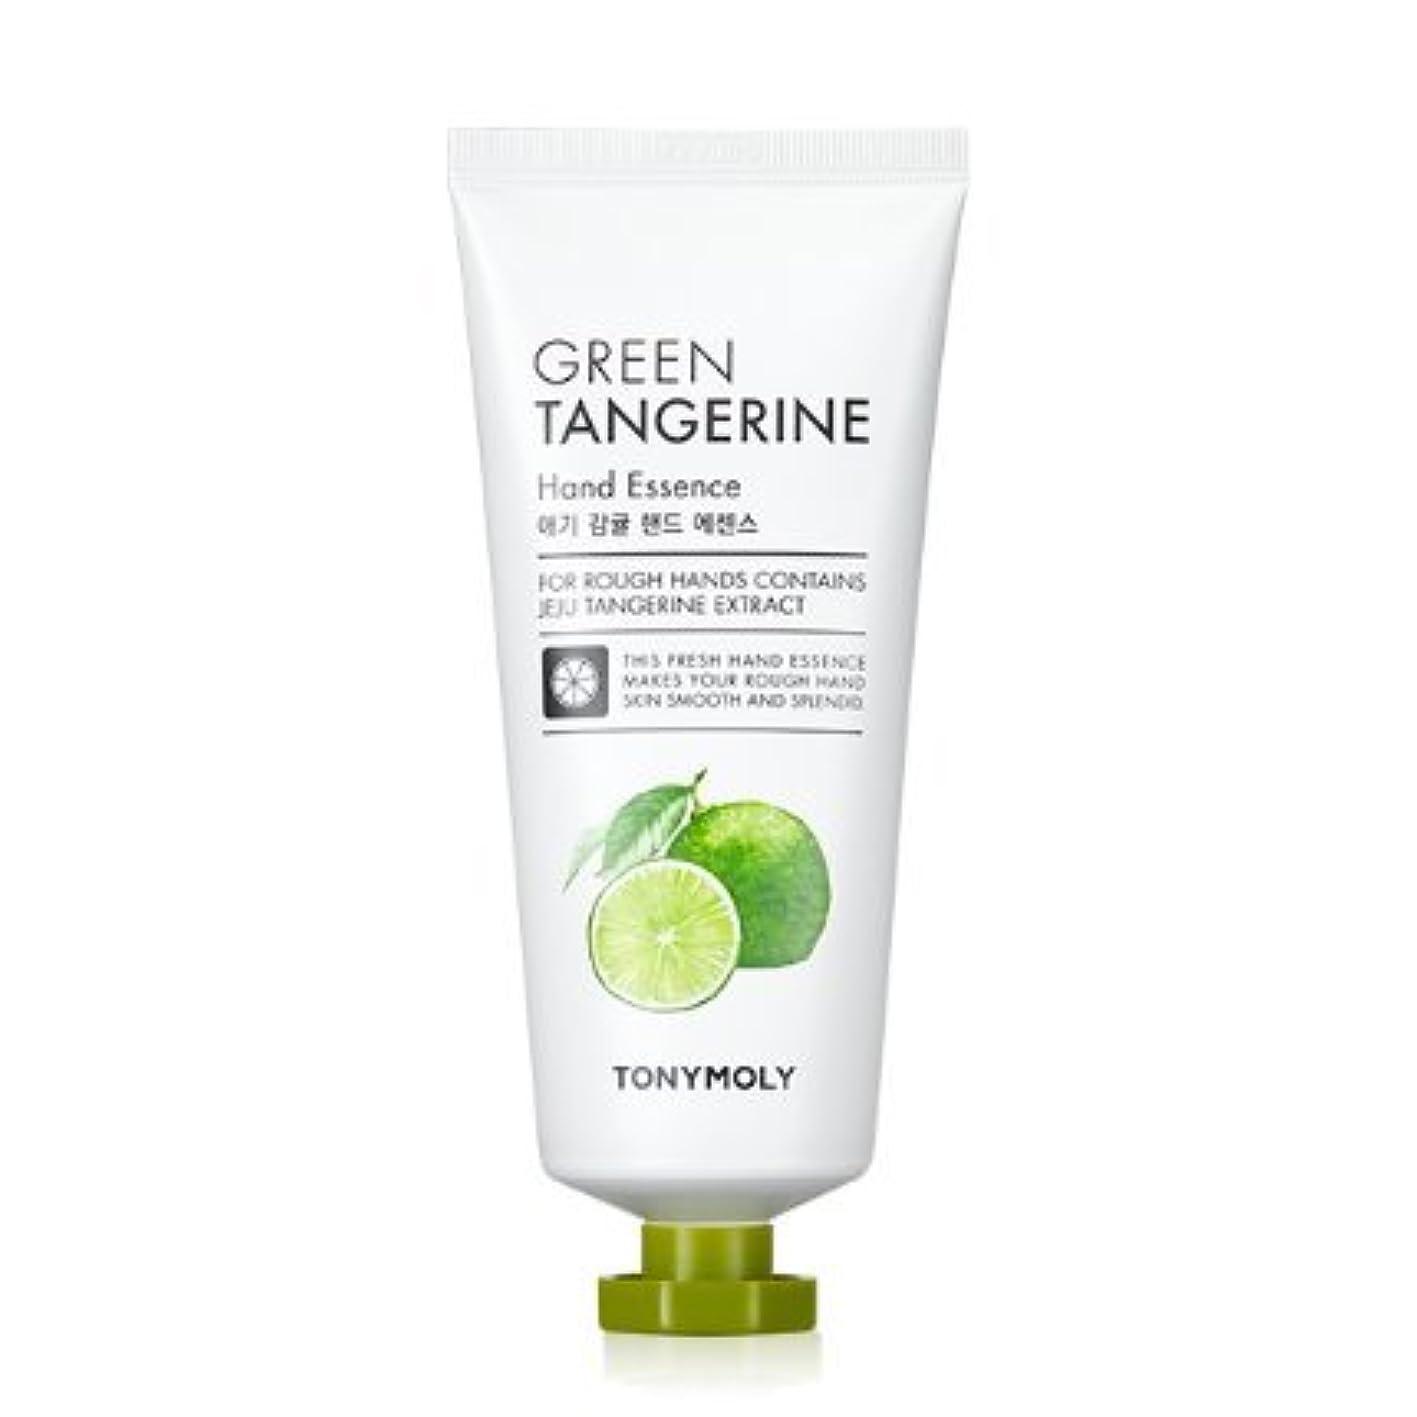 キャンドル同化する薄める[Renewal] TONYMOLY Green Tangerine Hand Essence/トニーモリー 青みかん ハンド エッセンス 80g [並行輸入品]